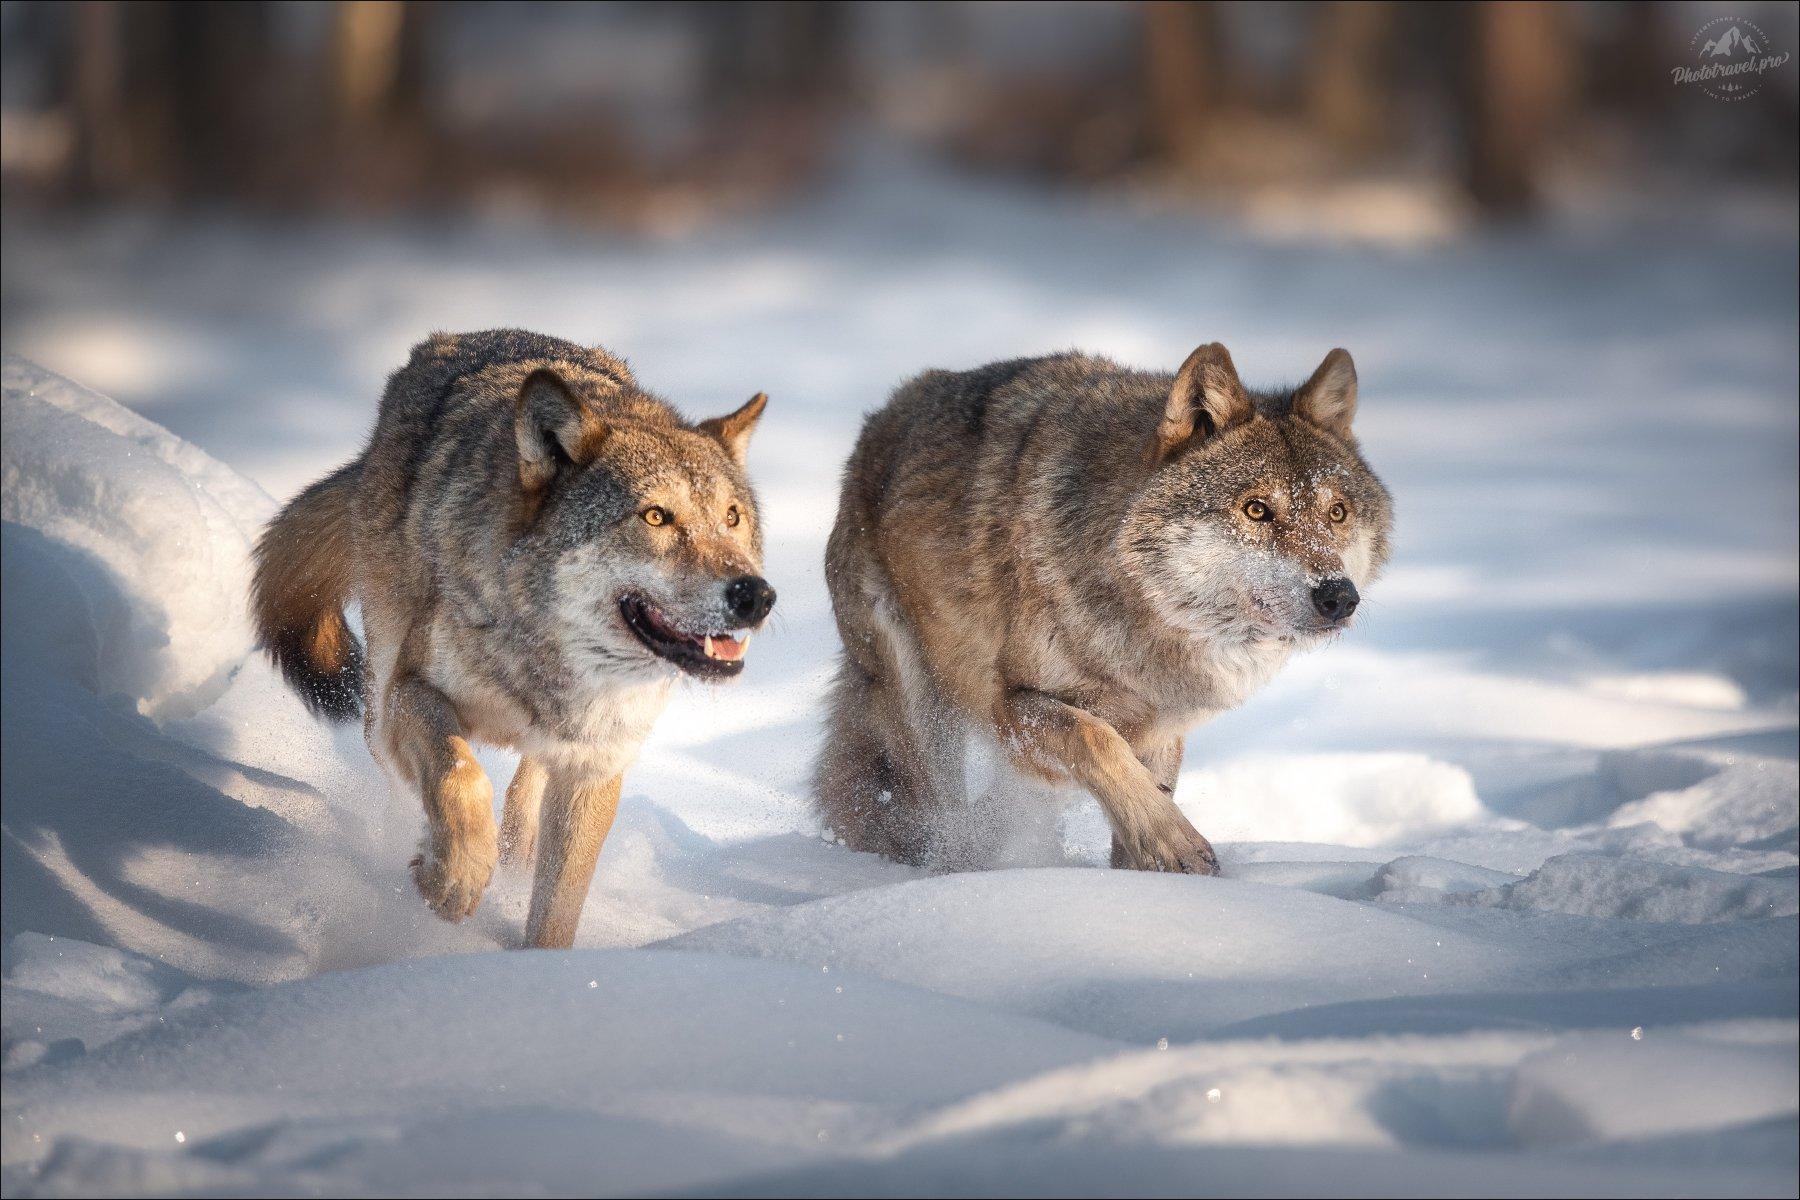 волк, wolf, красная шапочка, беларусь, красный бор, фототур в красный бор, фотоохота, canis lupus, red riding hood, серый волк, обыкновенный волк, евразийский волк, европейский волк, Влад Соколовский